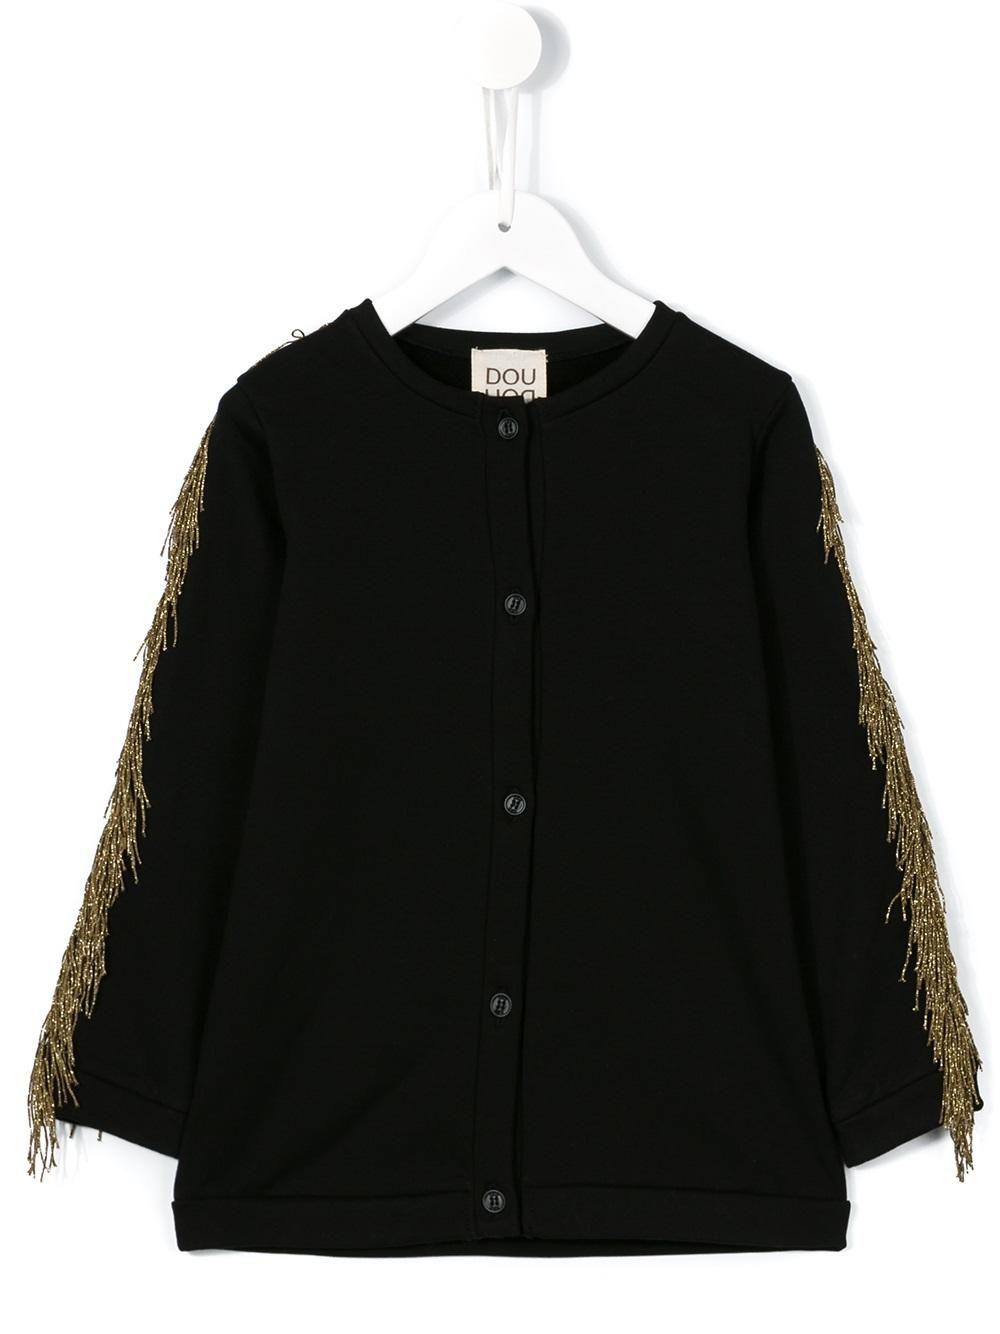 #douuod #kids #fringes #jacket #black #gold #cardigan #style www.jofre.eu